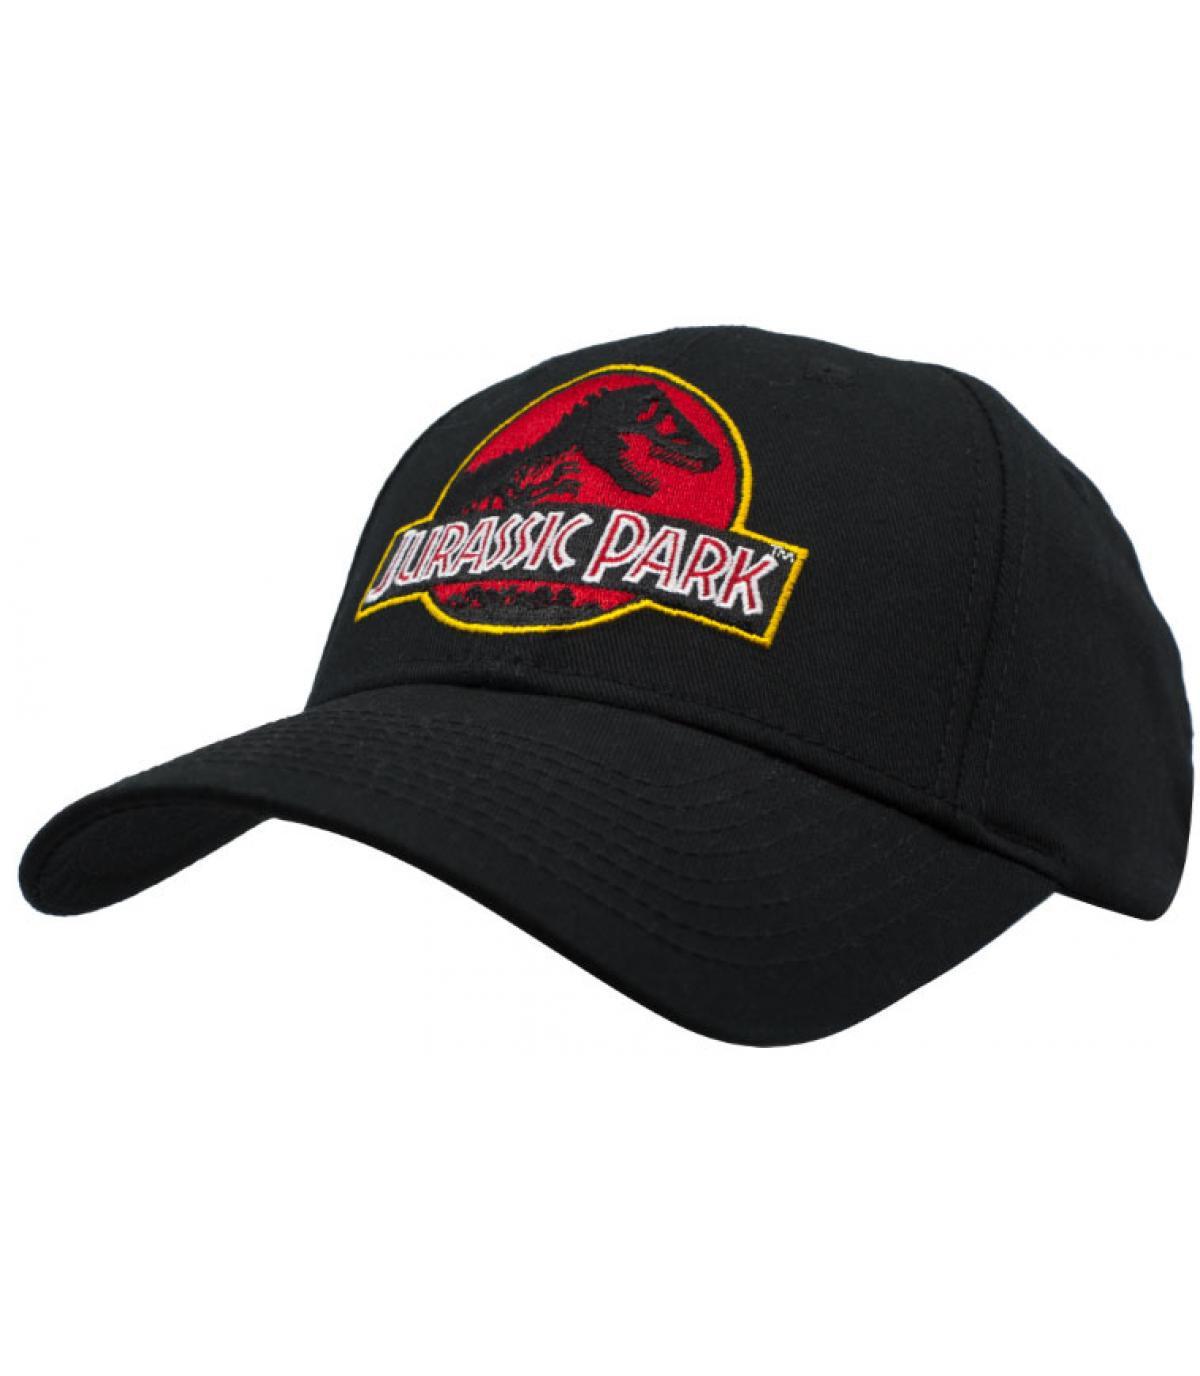 casquette Jurassic Park noire